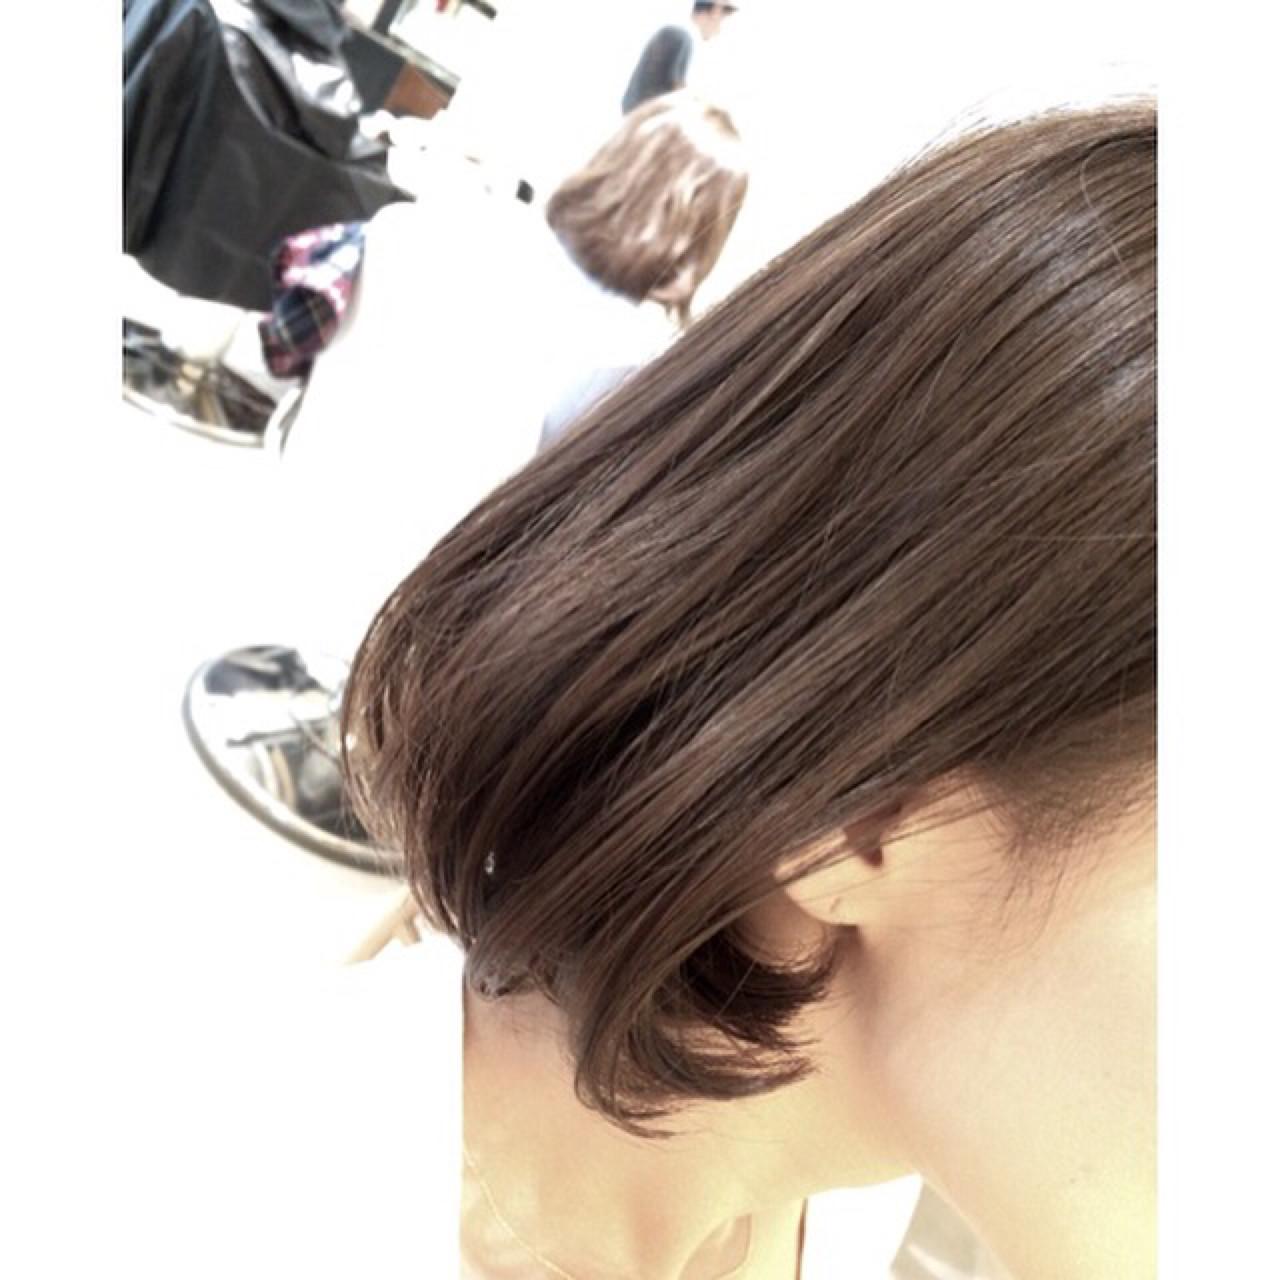 アッシュ 色気 ハイライト 外国人風 ヘアスタイルや髪型の写真・画像 | 橋本 真吾 / neolive&